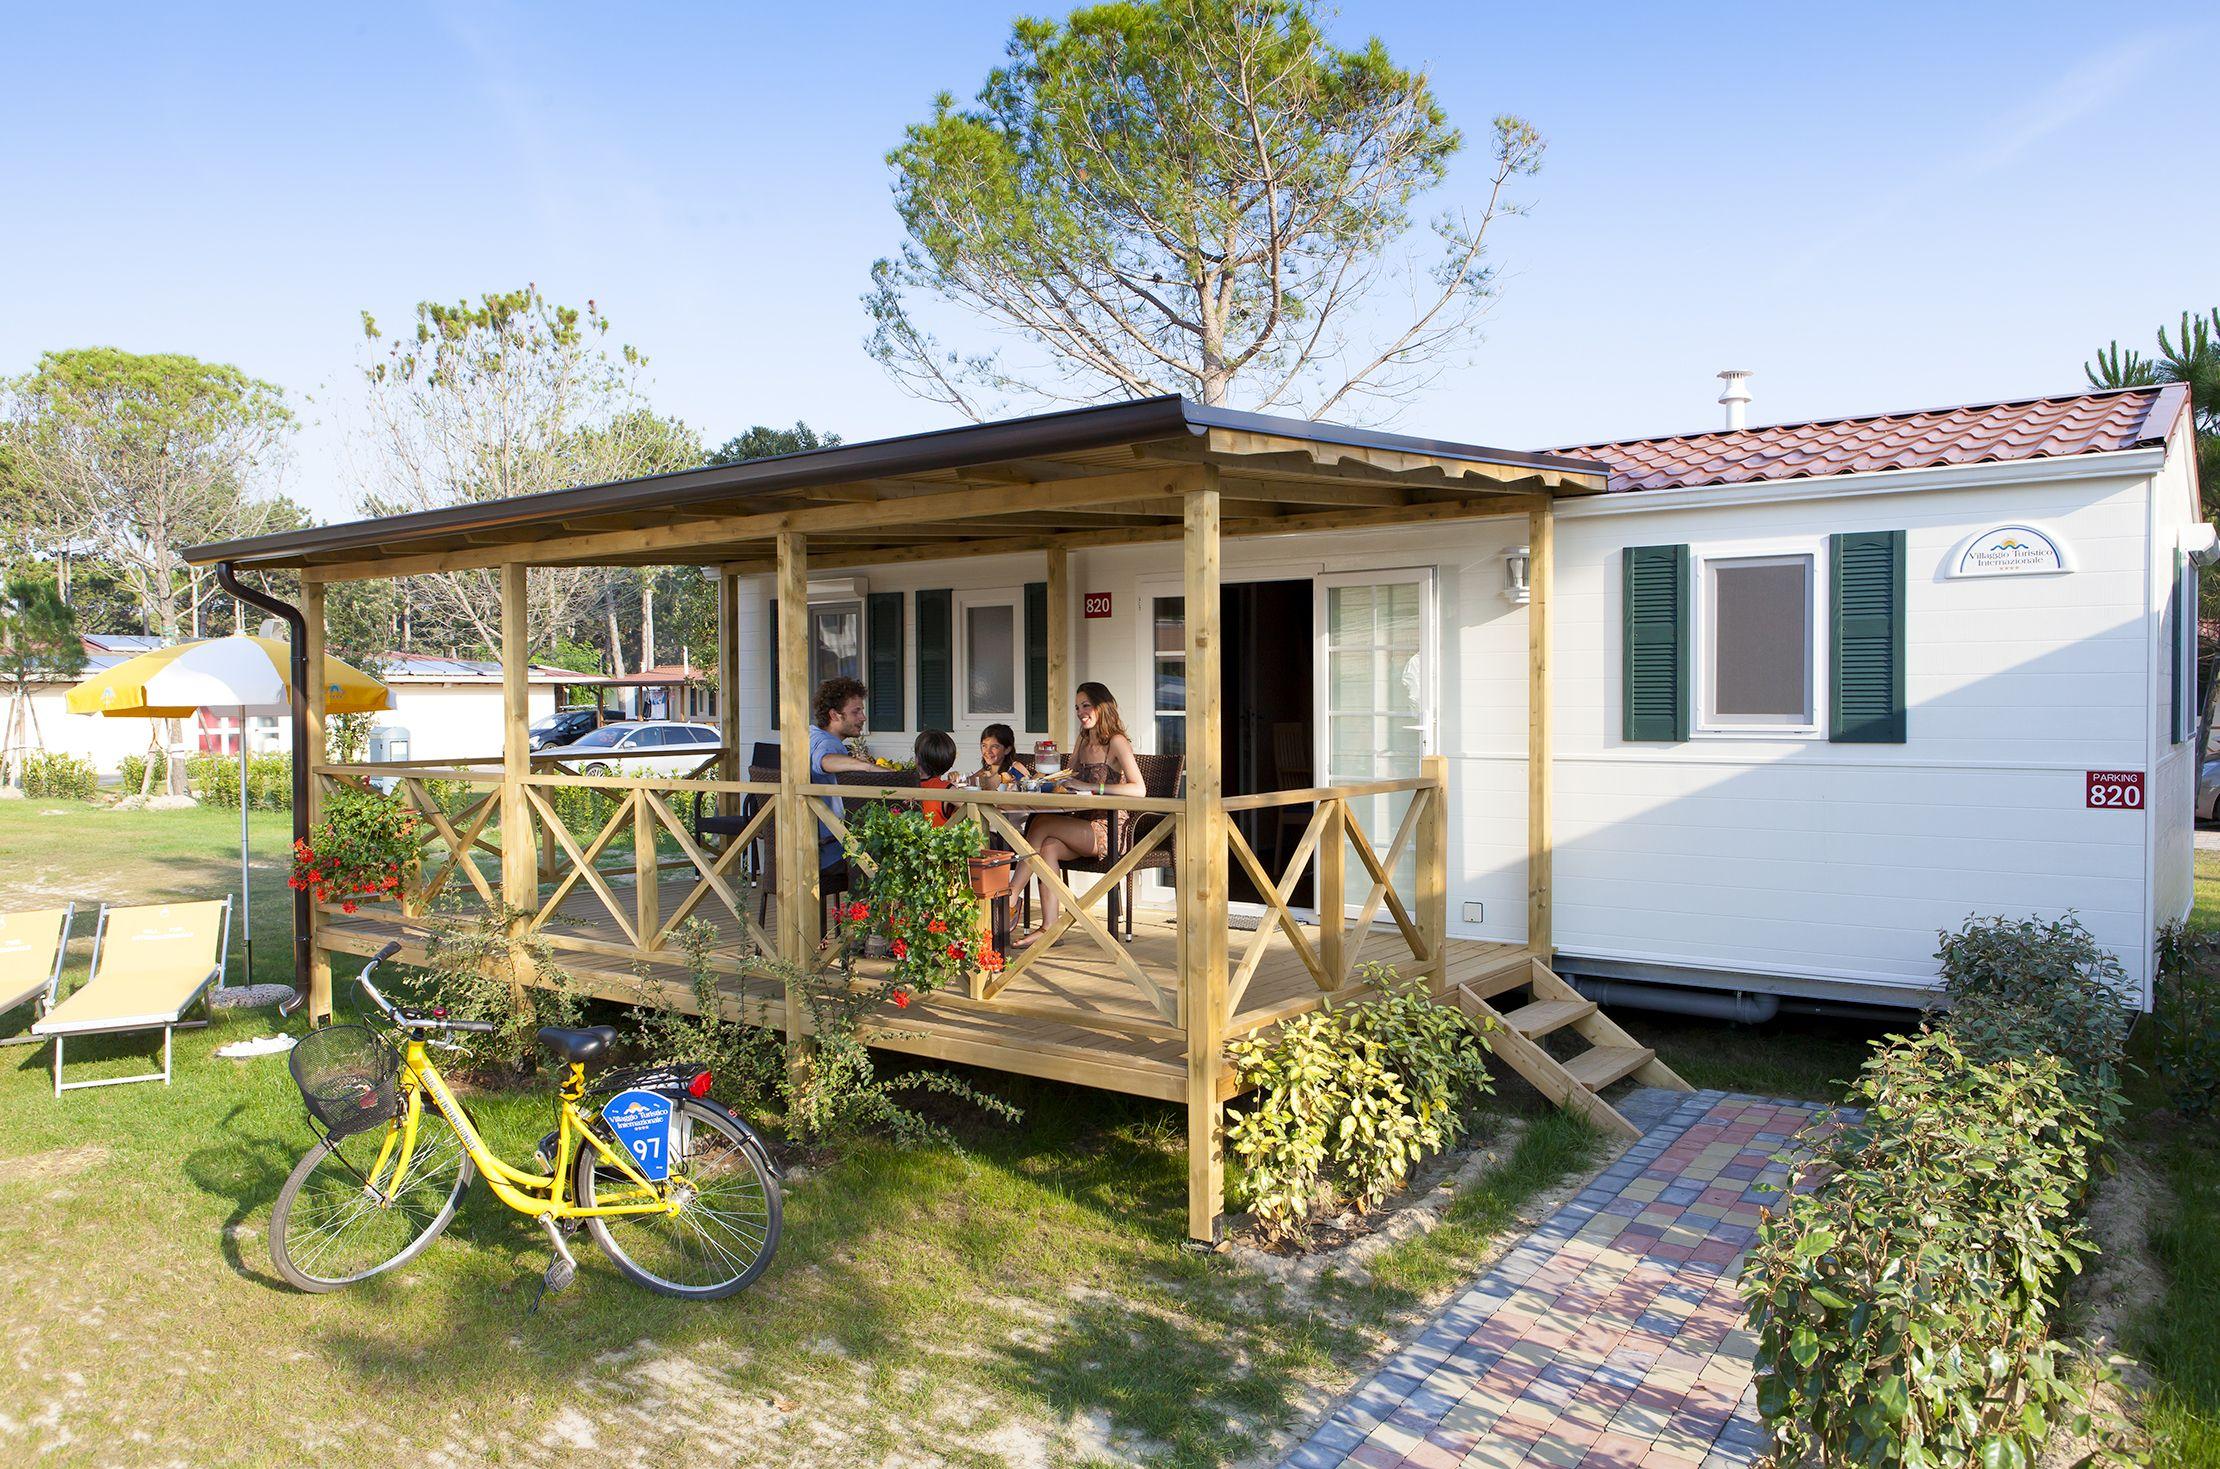 Mobilhome Platinum more info http//bit.ly/pin_caravan_EN